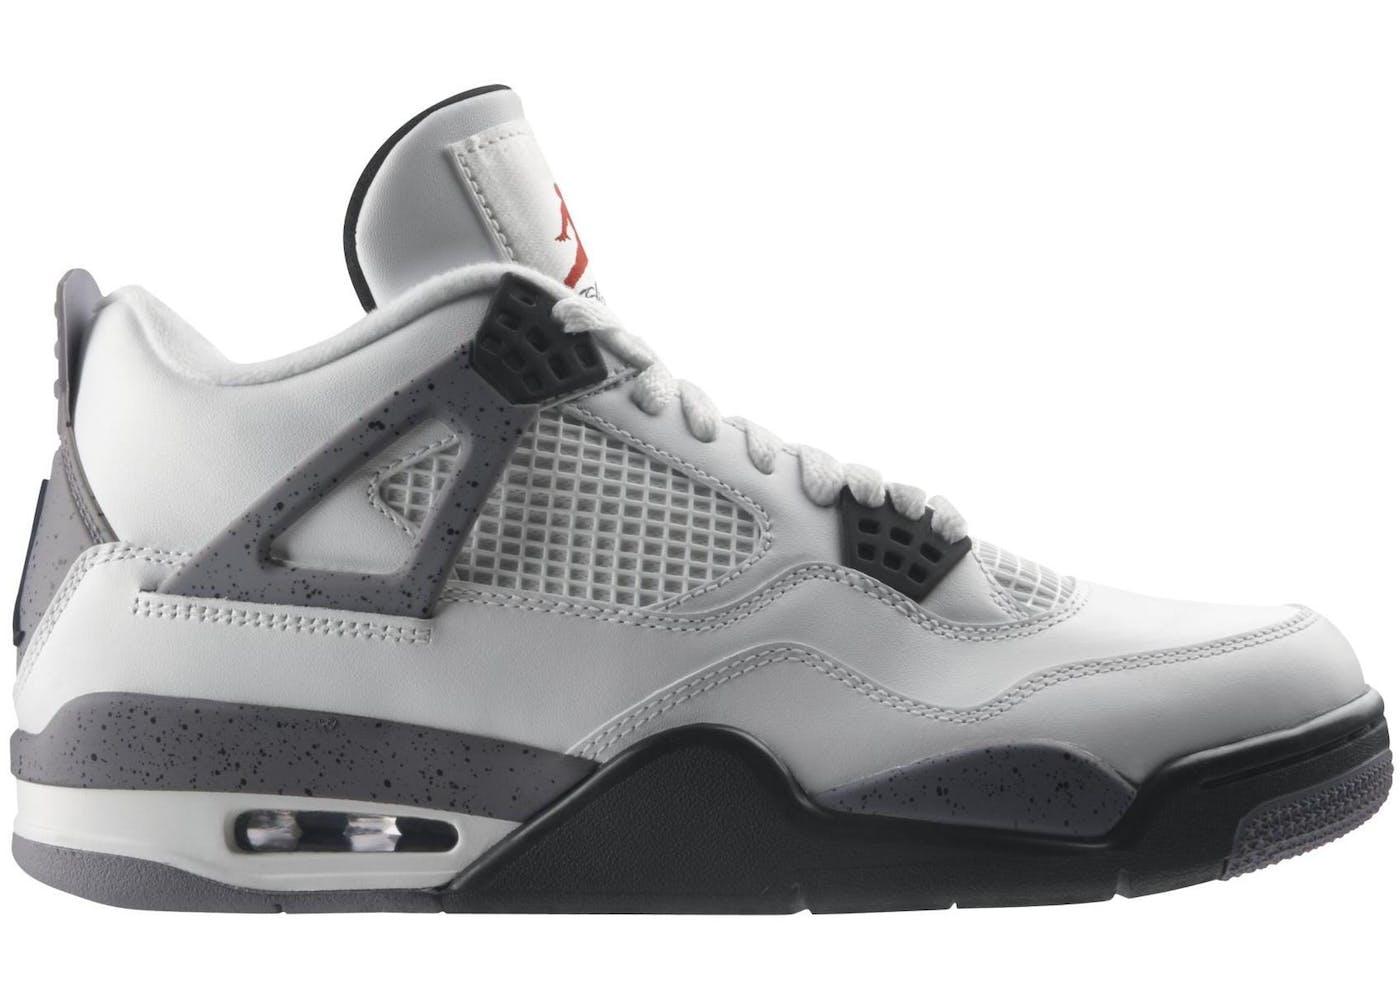 on sale de8ba 28d3c ... Jordan 4 Retro White Cement (2012) ...